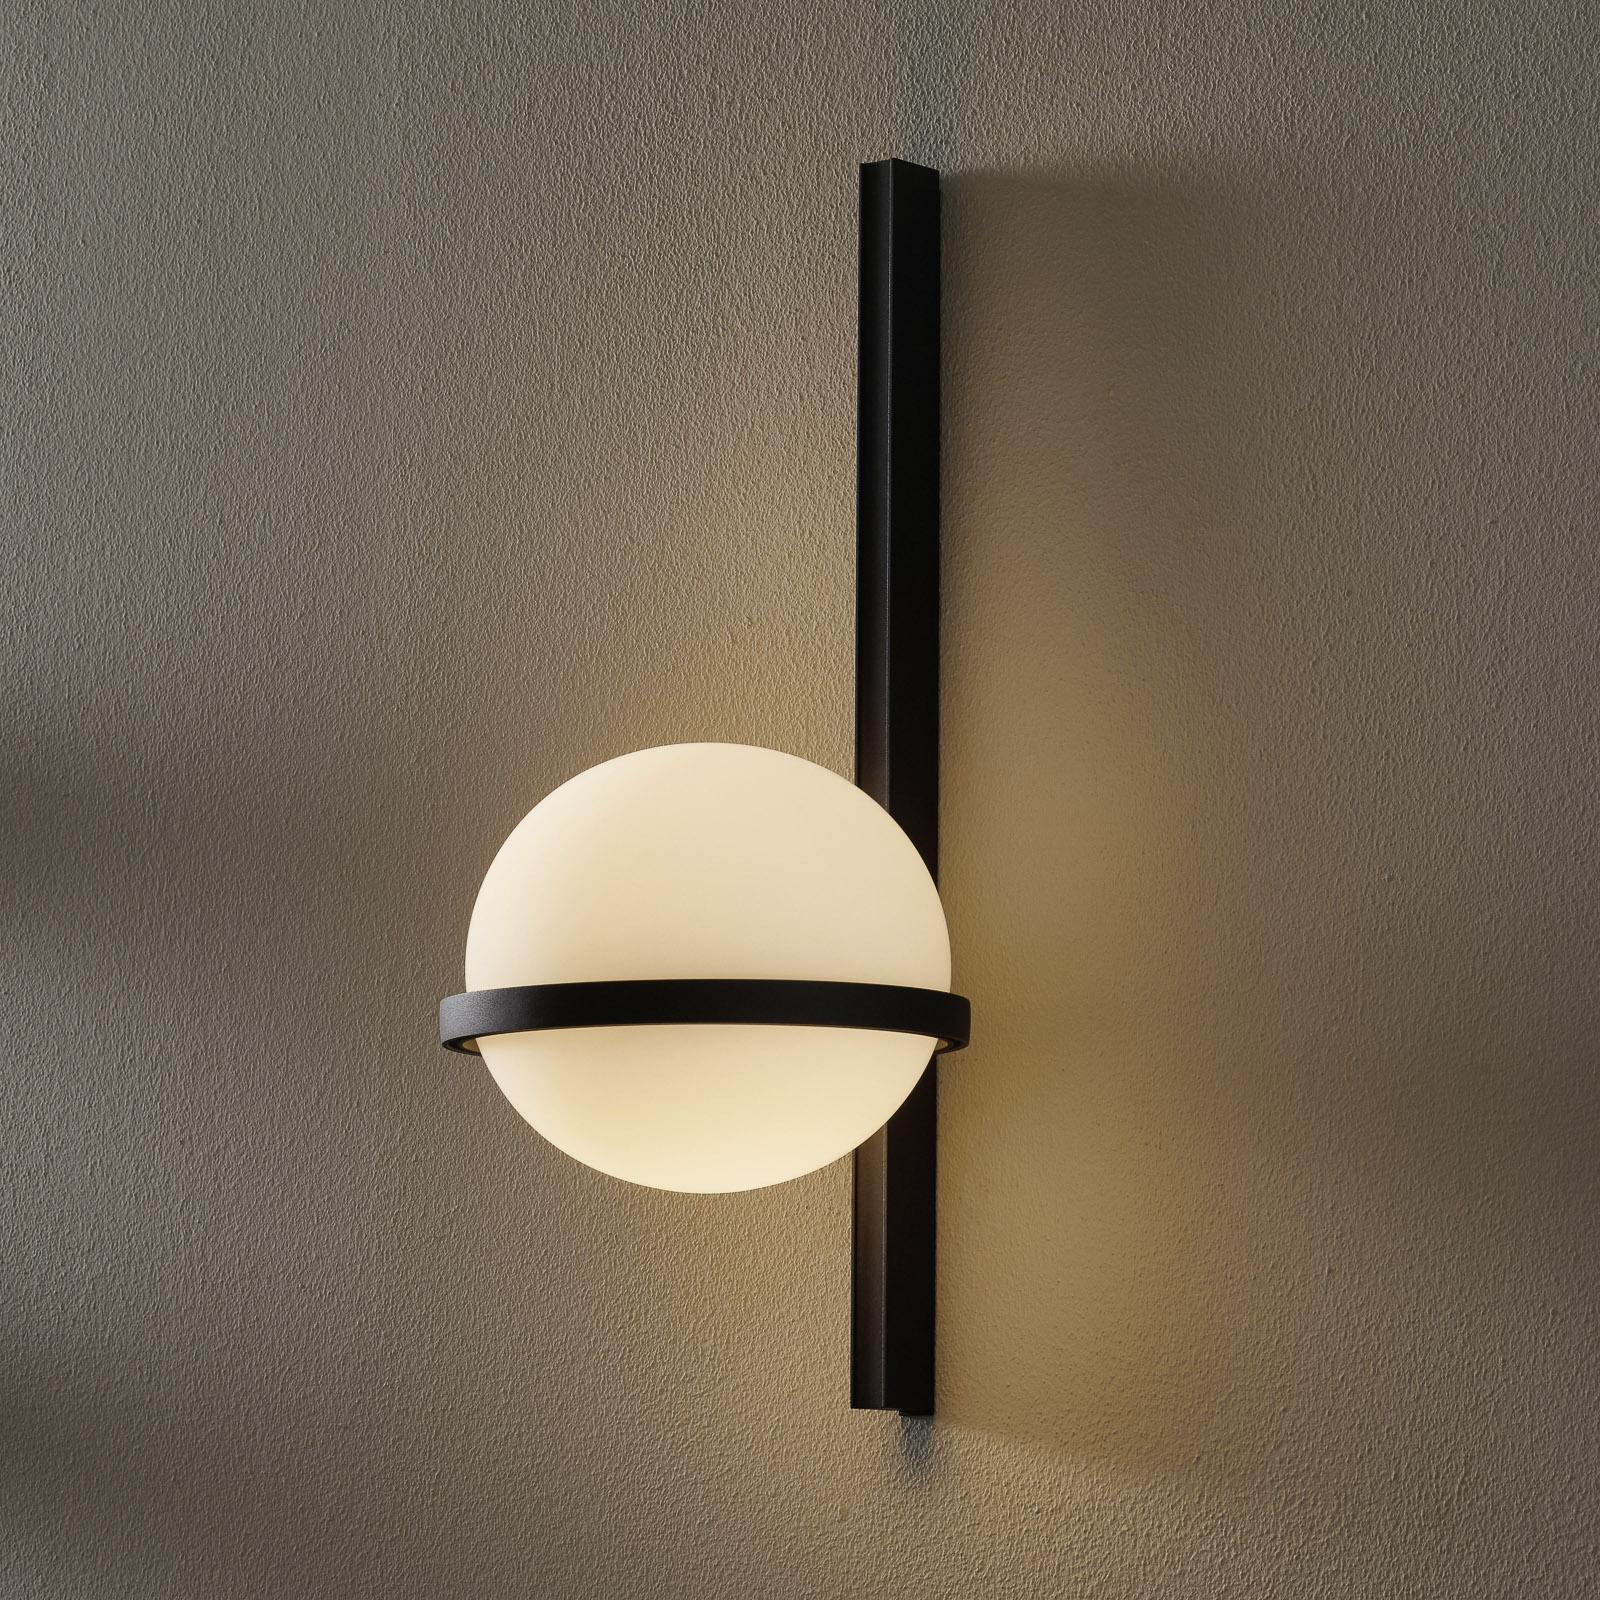 Vibia Palma 3710 LED-seinävalaisin, grafiitti